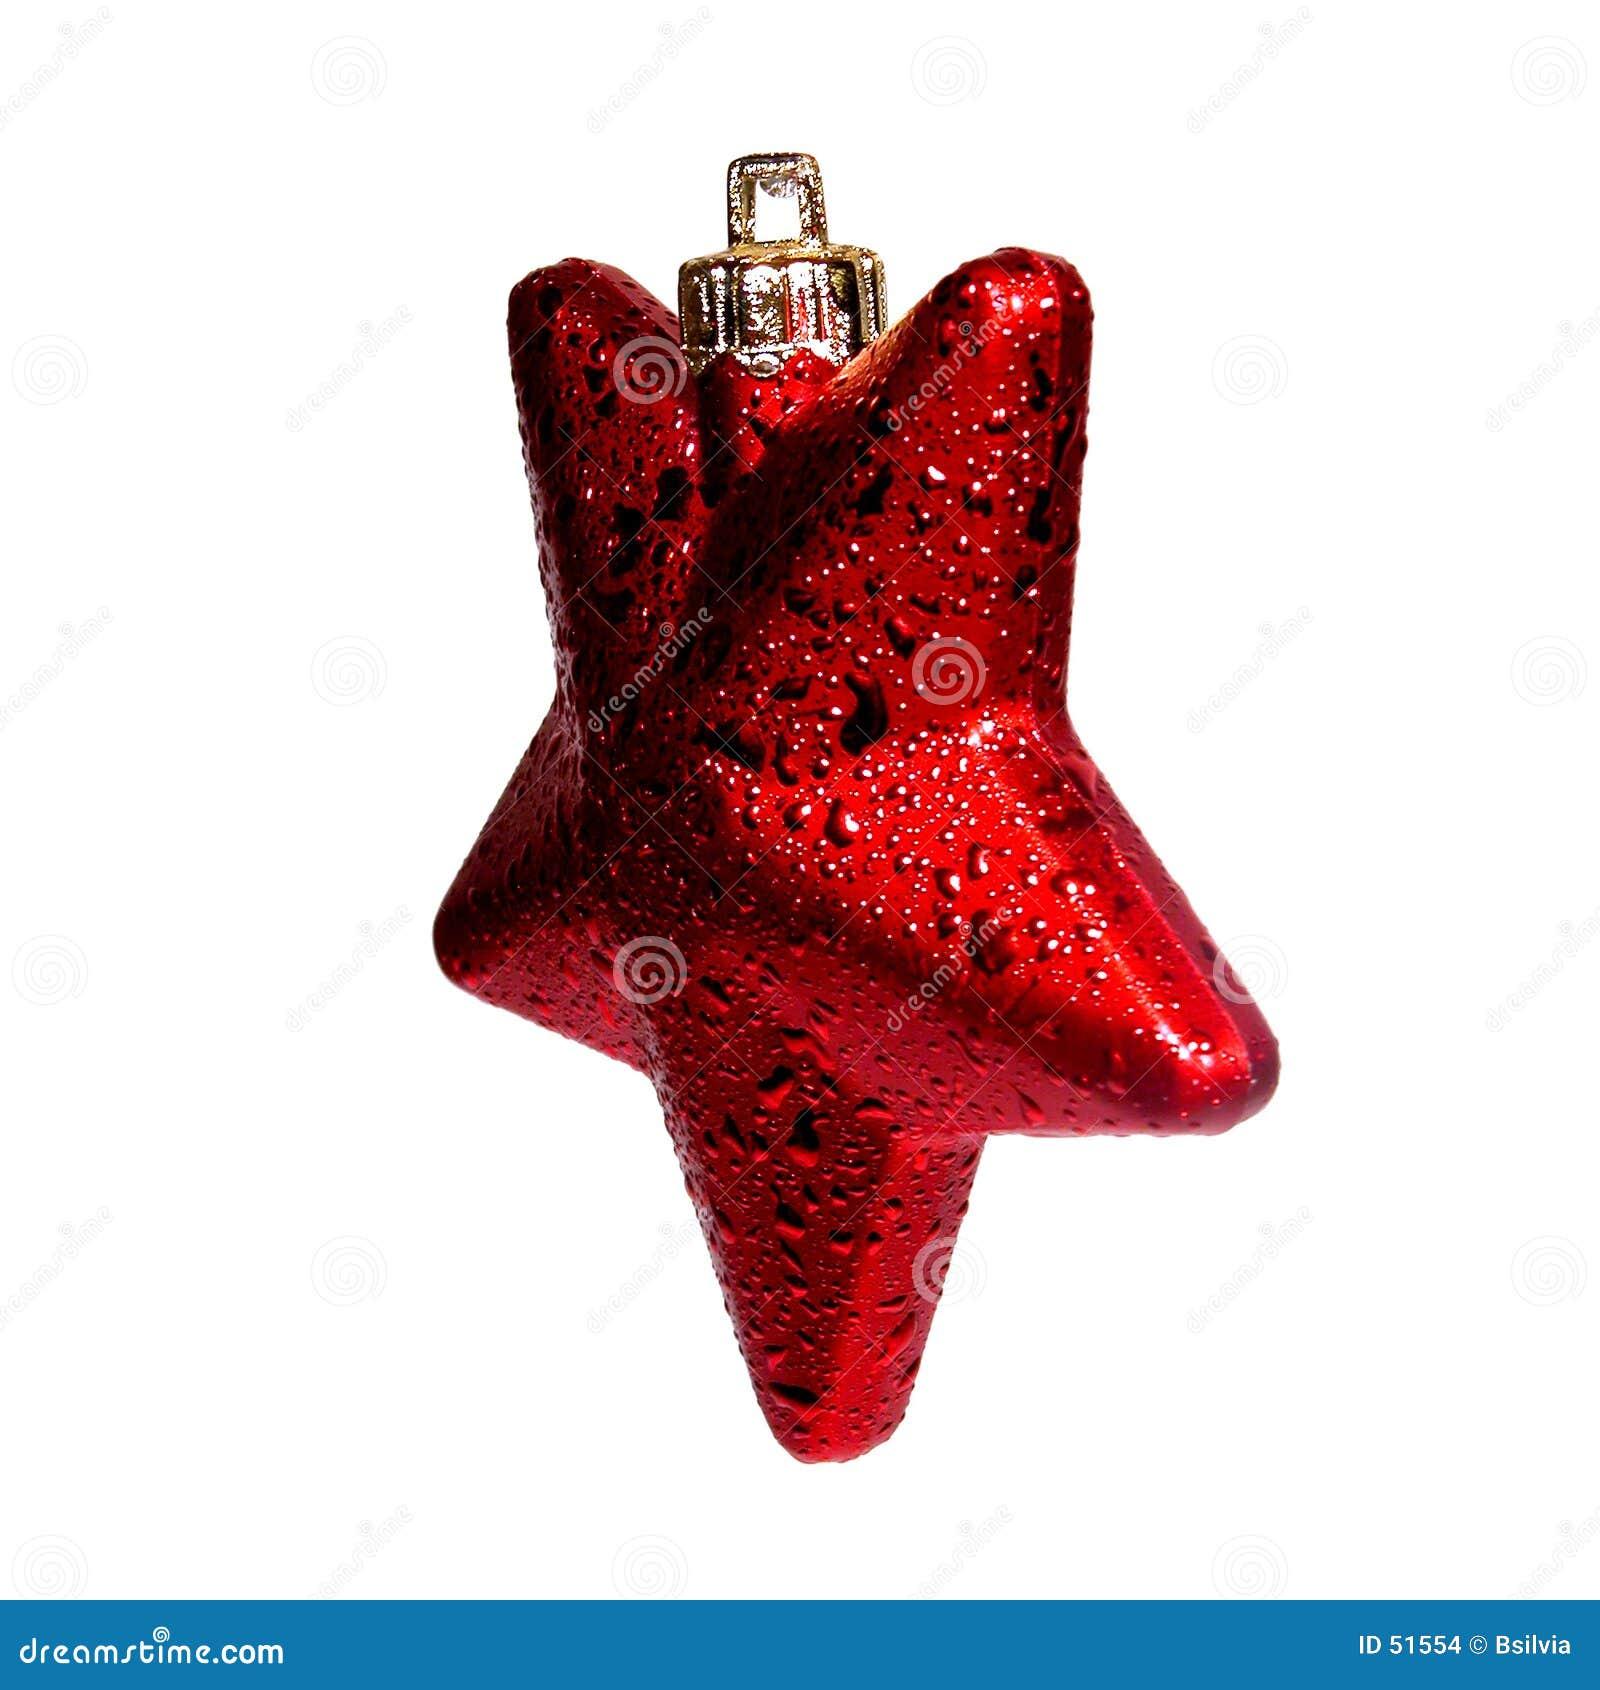 Download Décoration de Noël photo stock. Image du noël, star, objet - 51554